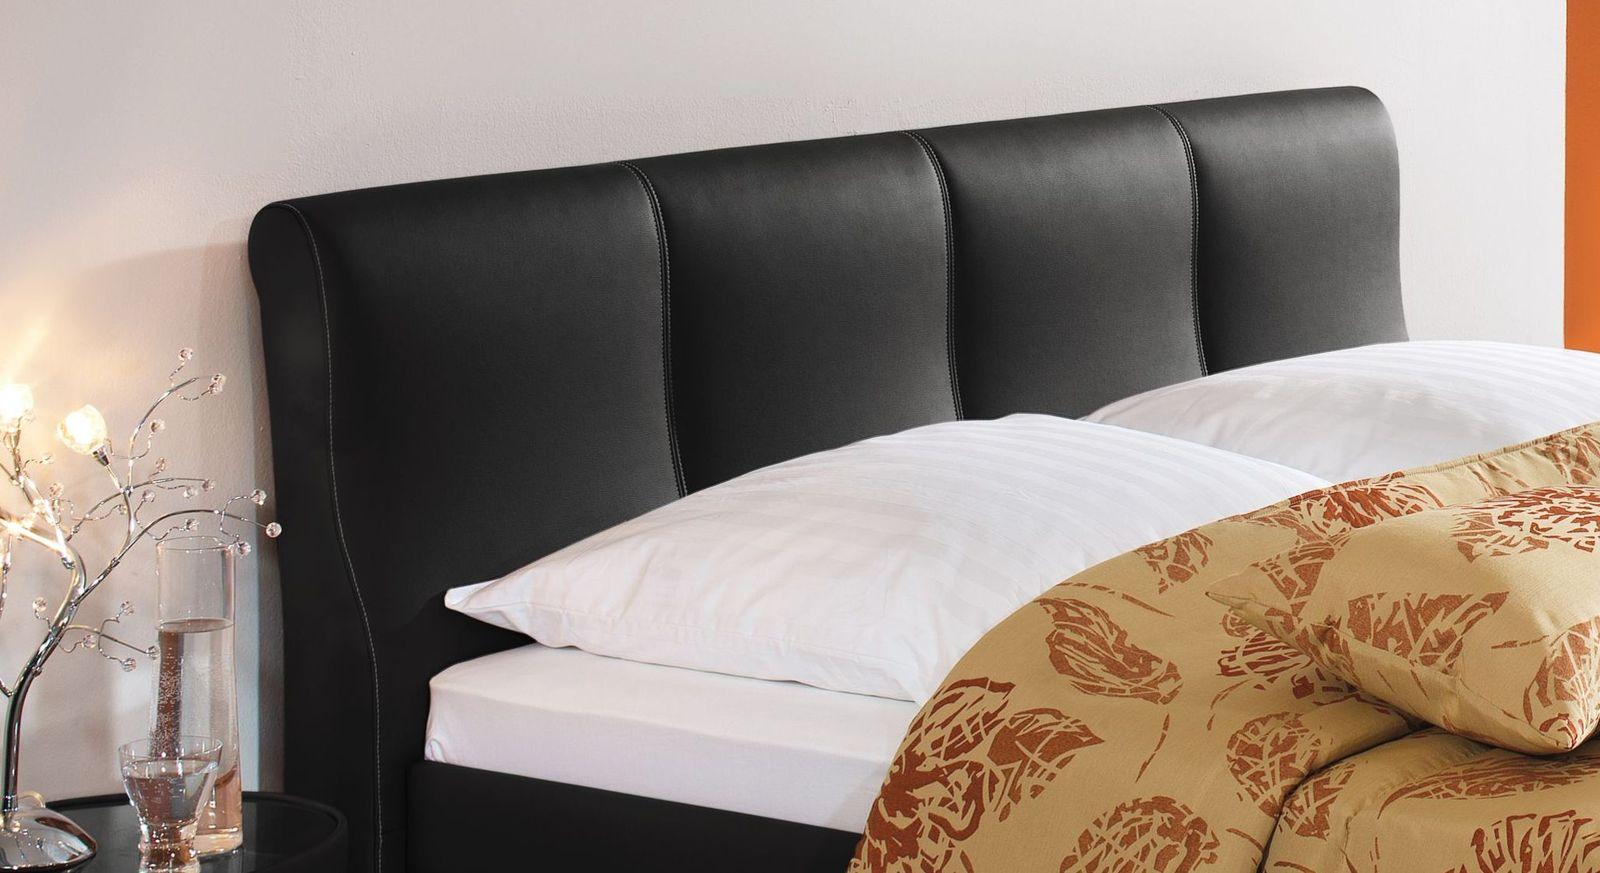 Bett Toskana mit bequemen Kopfteil zum Anlehnen